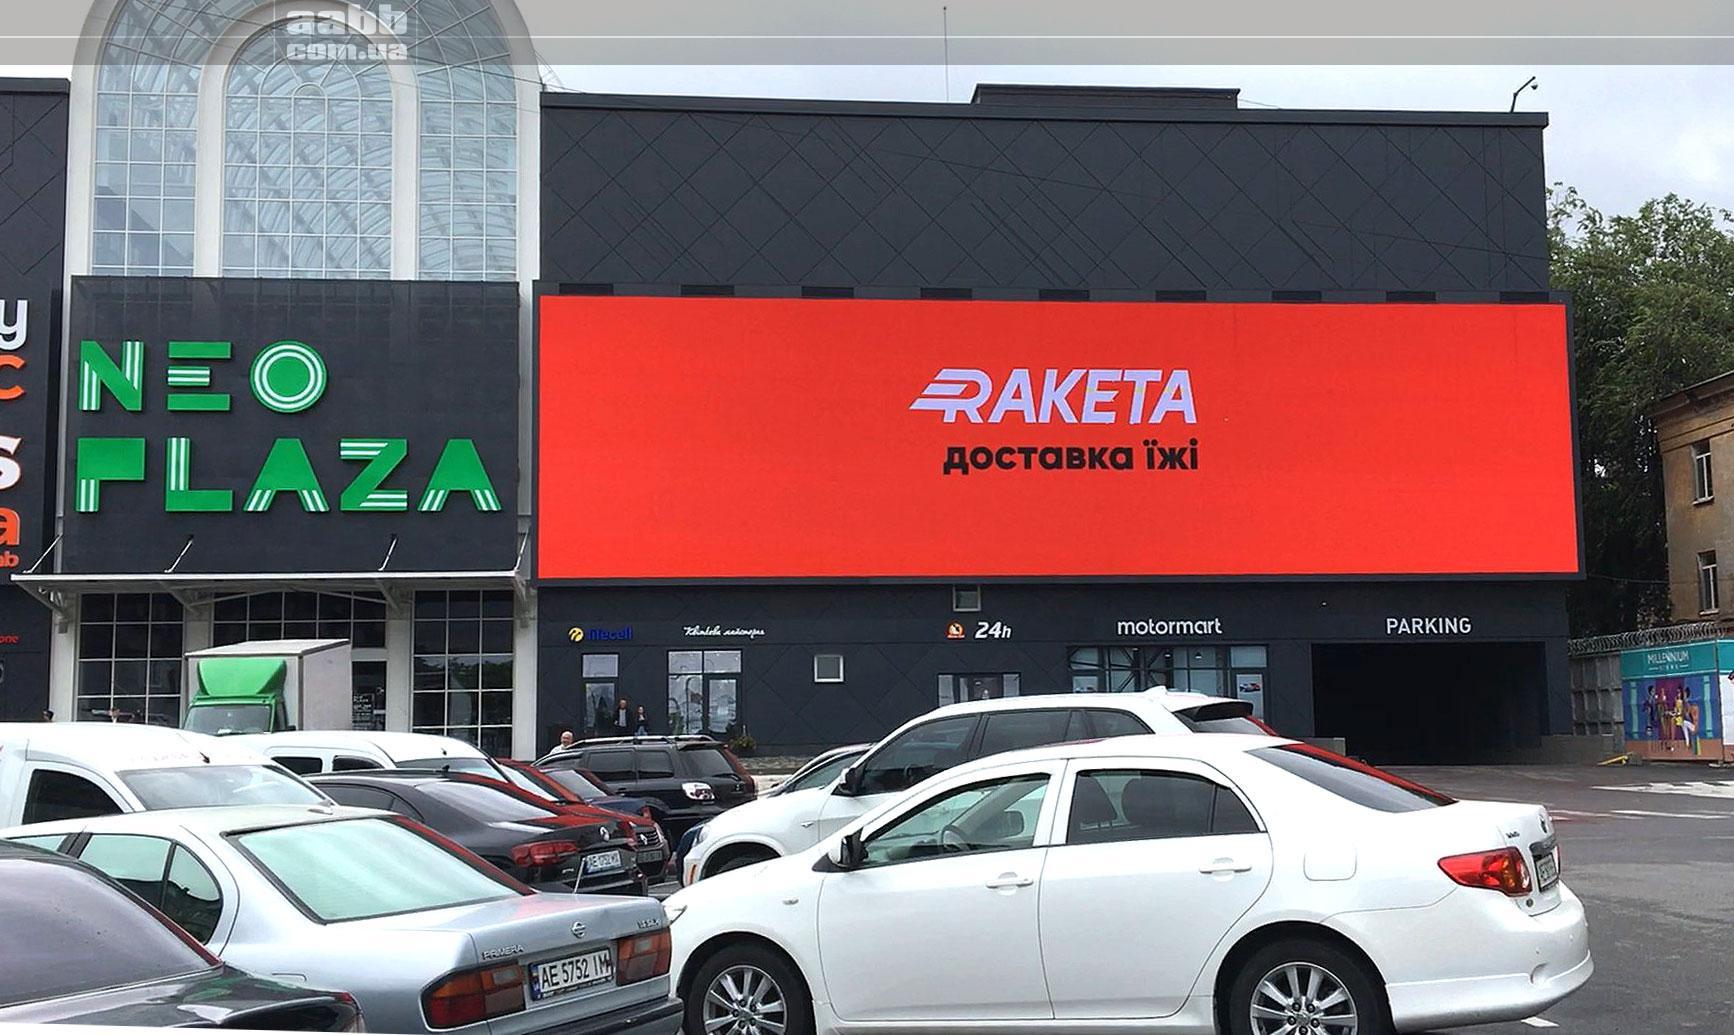 Реклама Raketa на медіафасаді ТРЦ Neo Plaza